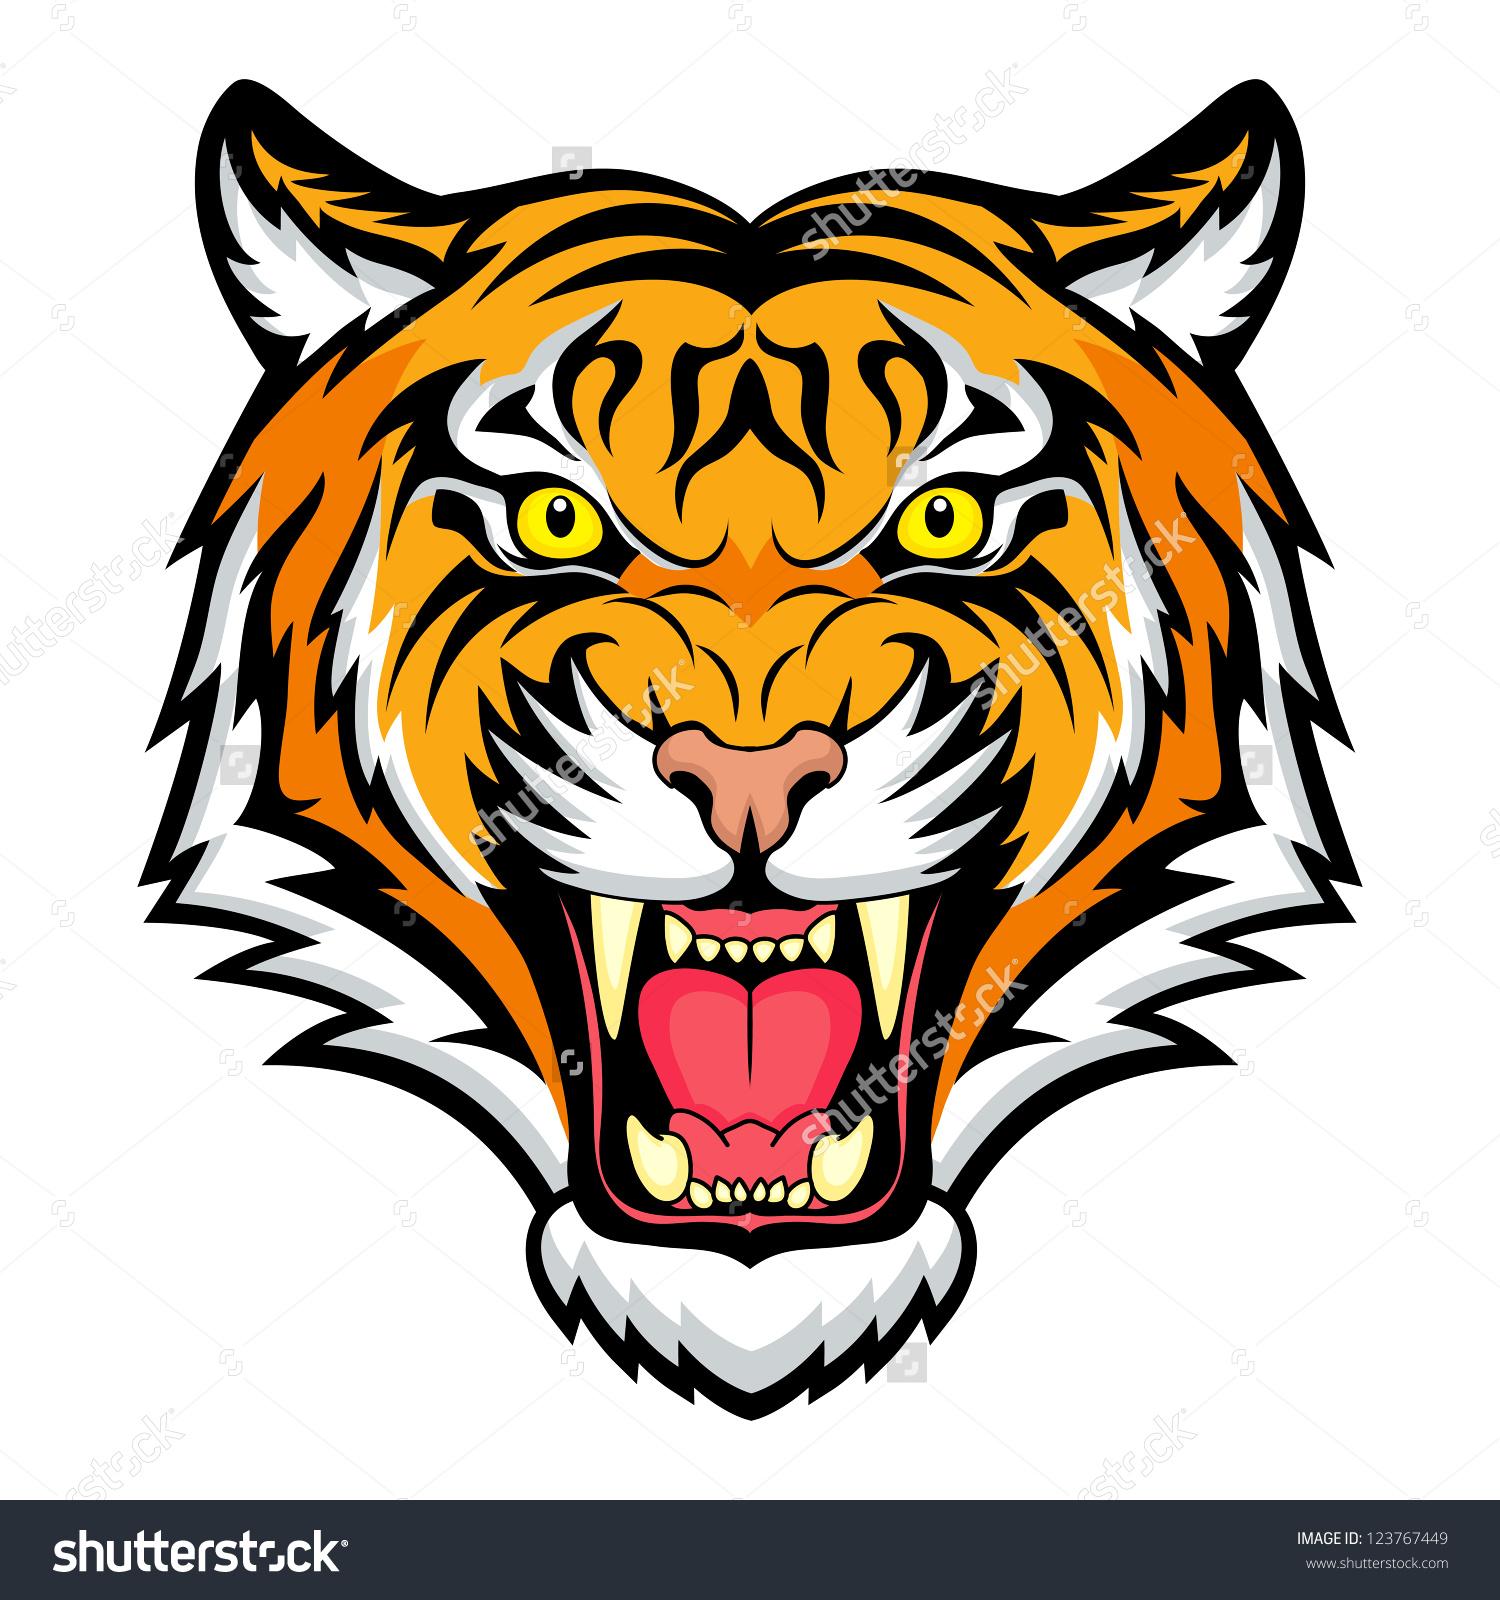 Tiger Anger Vector Illustration Tiger Head Stock Vector 123767449.